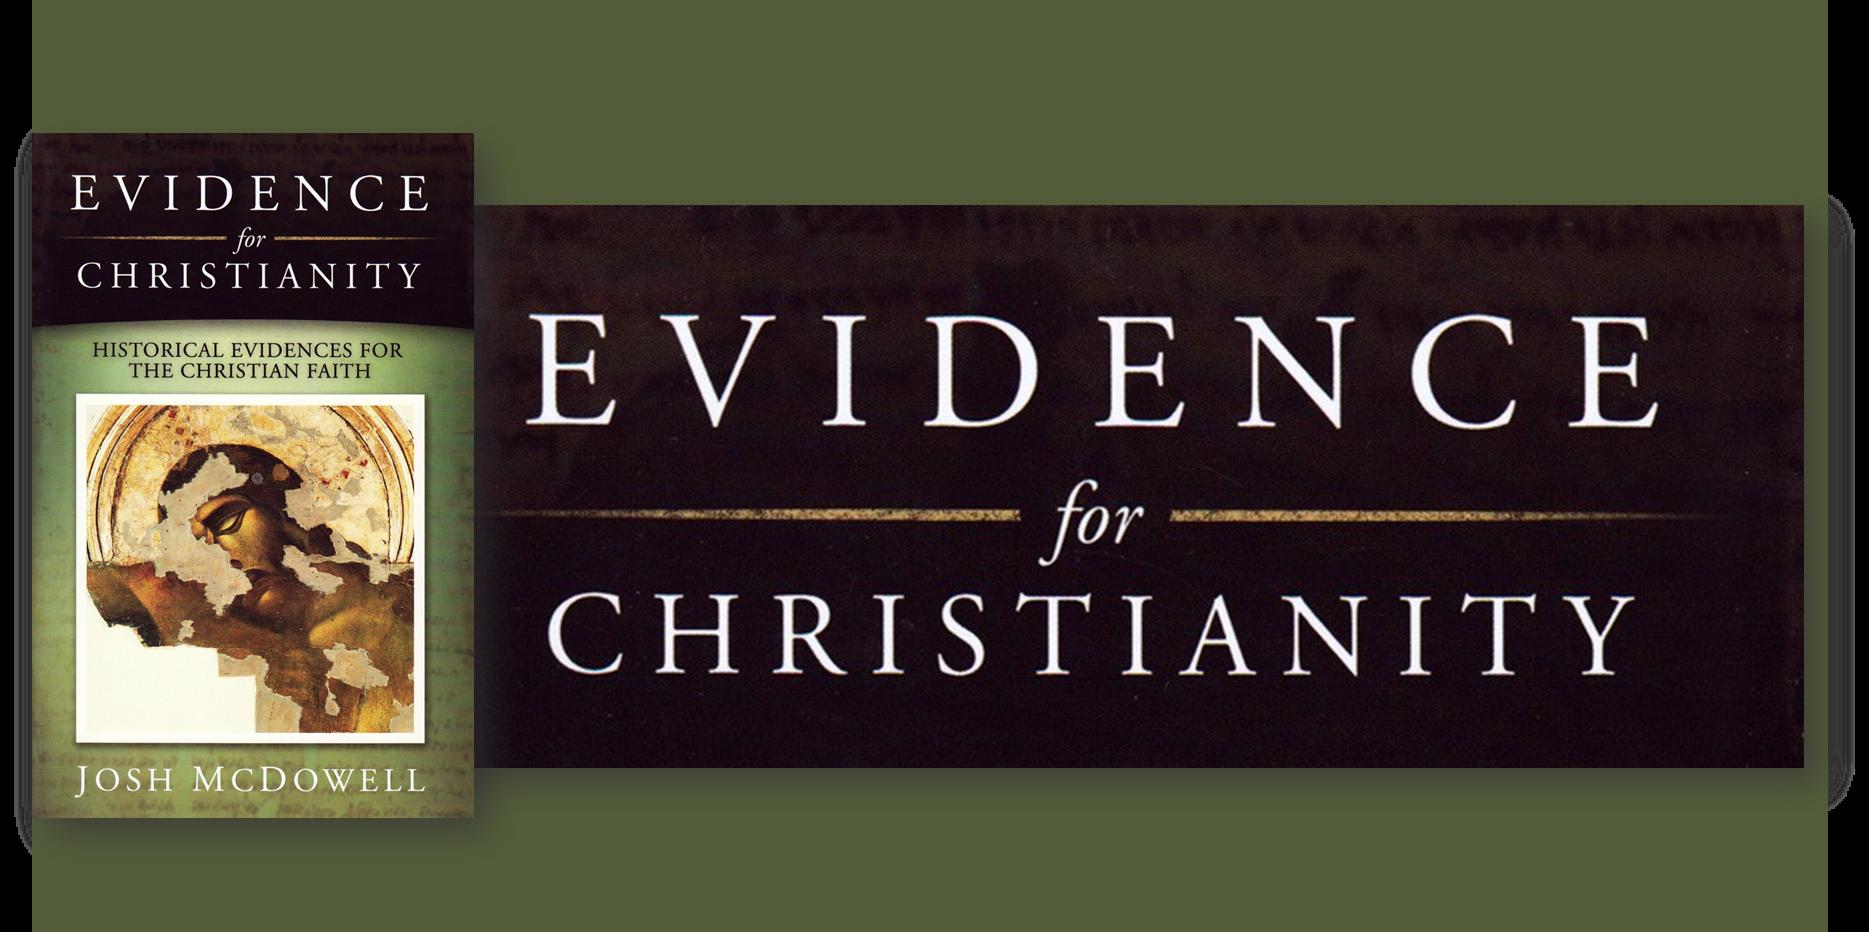 EvidenceForChristianityBlogImage.png